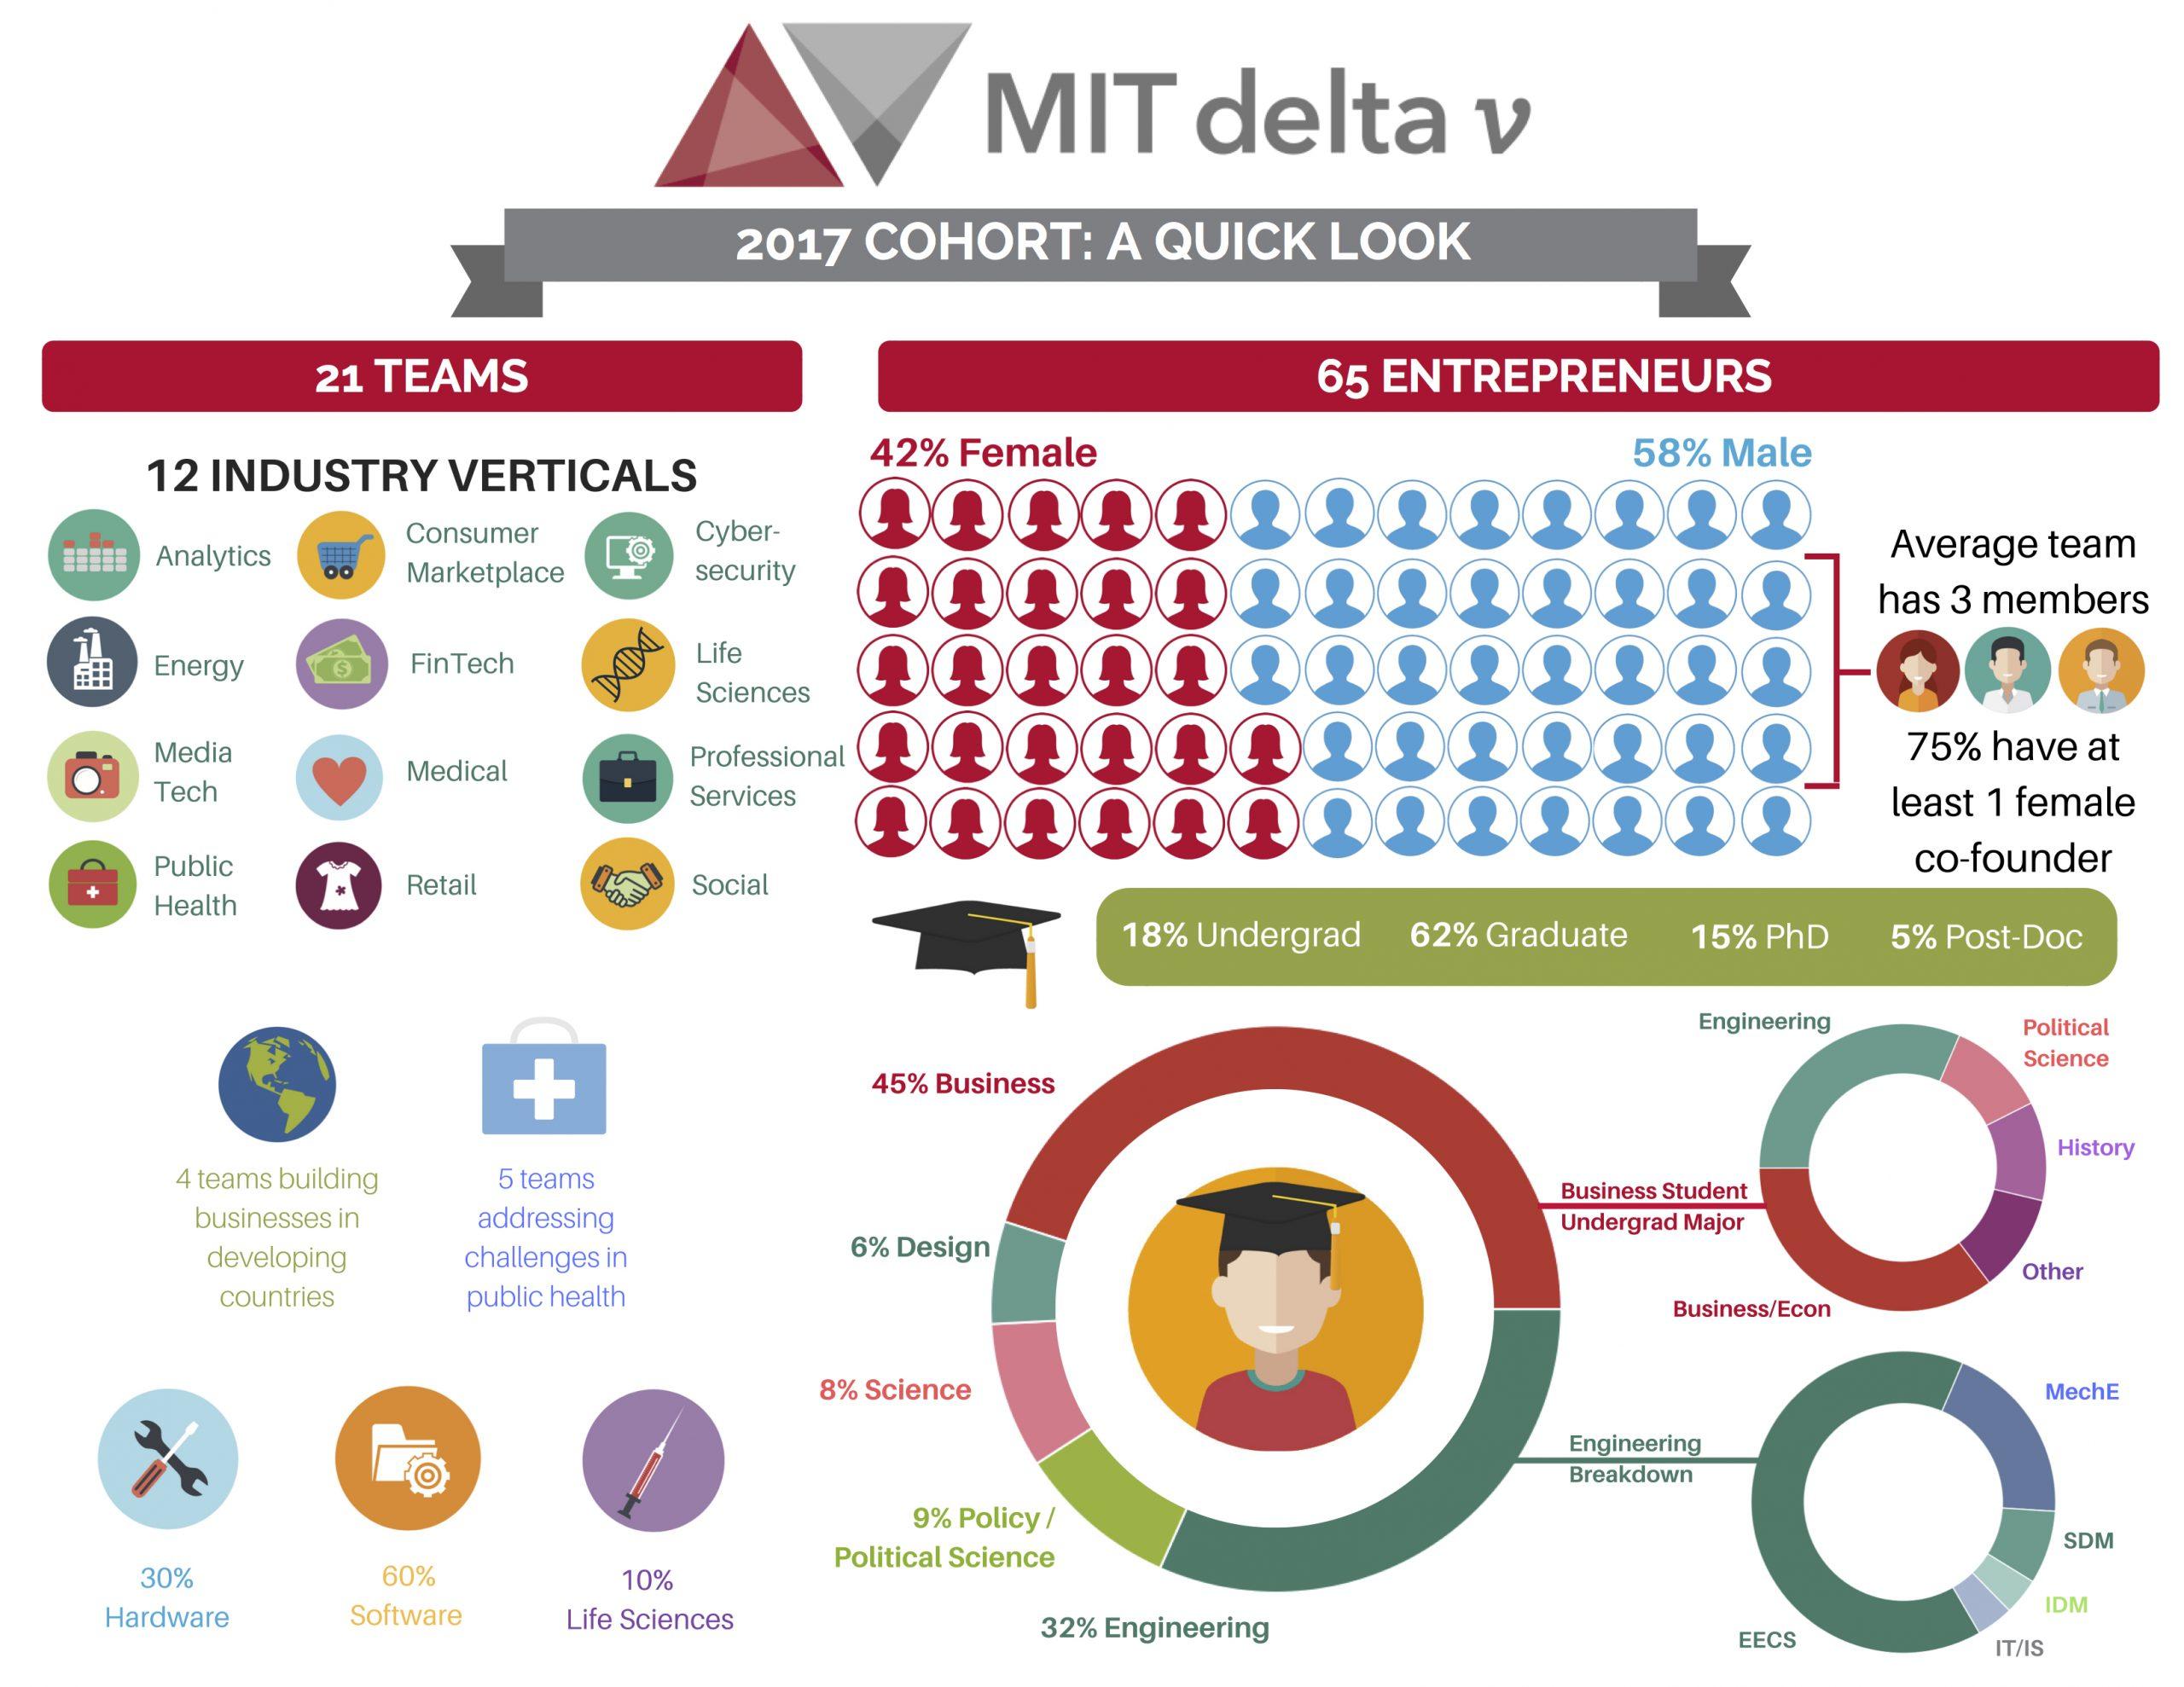 2017 delta v Cohort Infographic